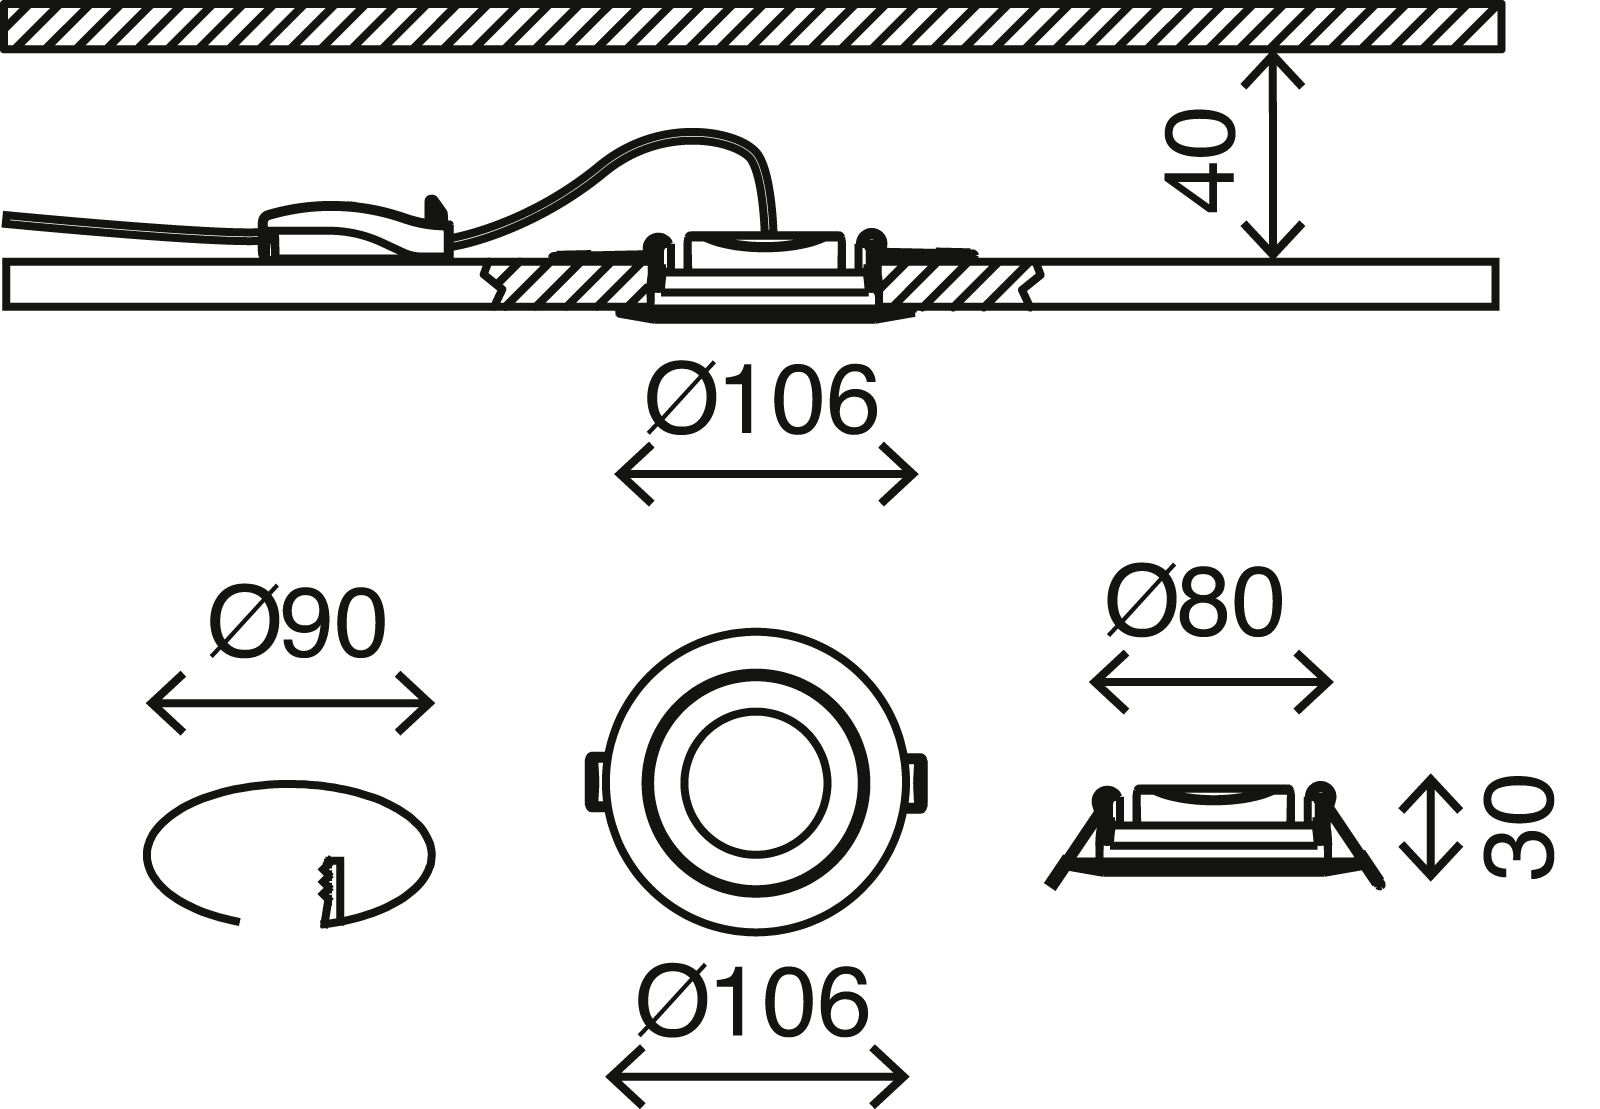 LED Einbauleuchte, Ø 10,6 cm, 6 W, Matt-Nickel